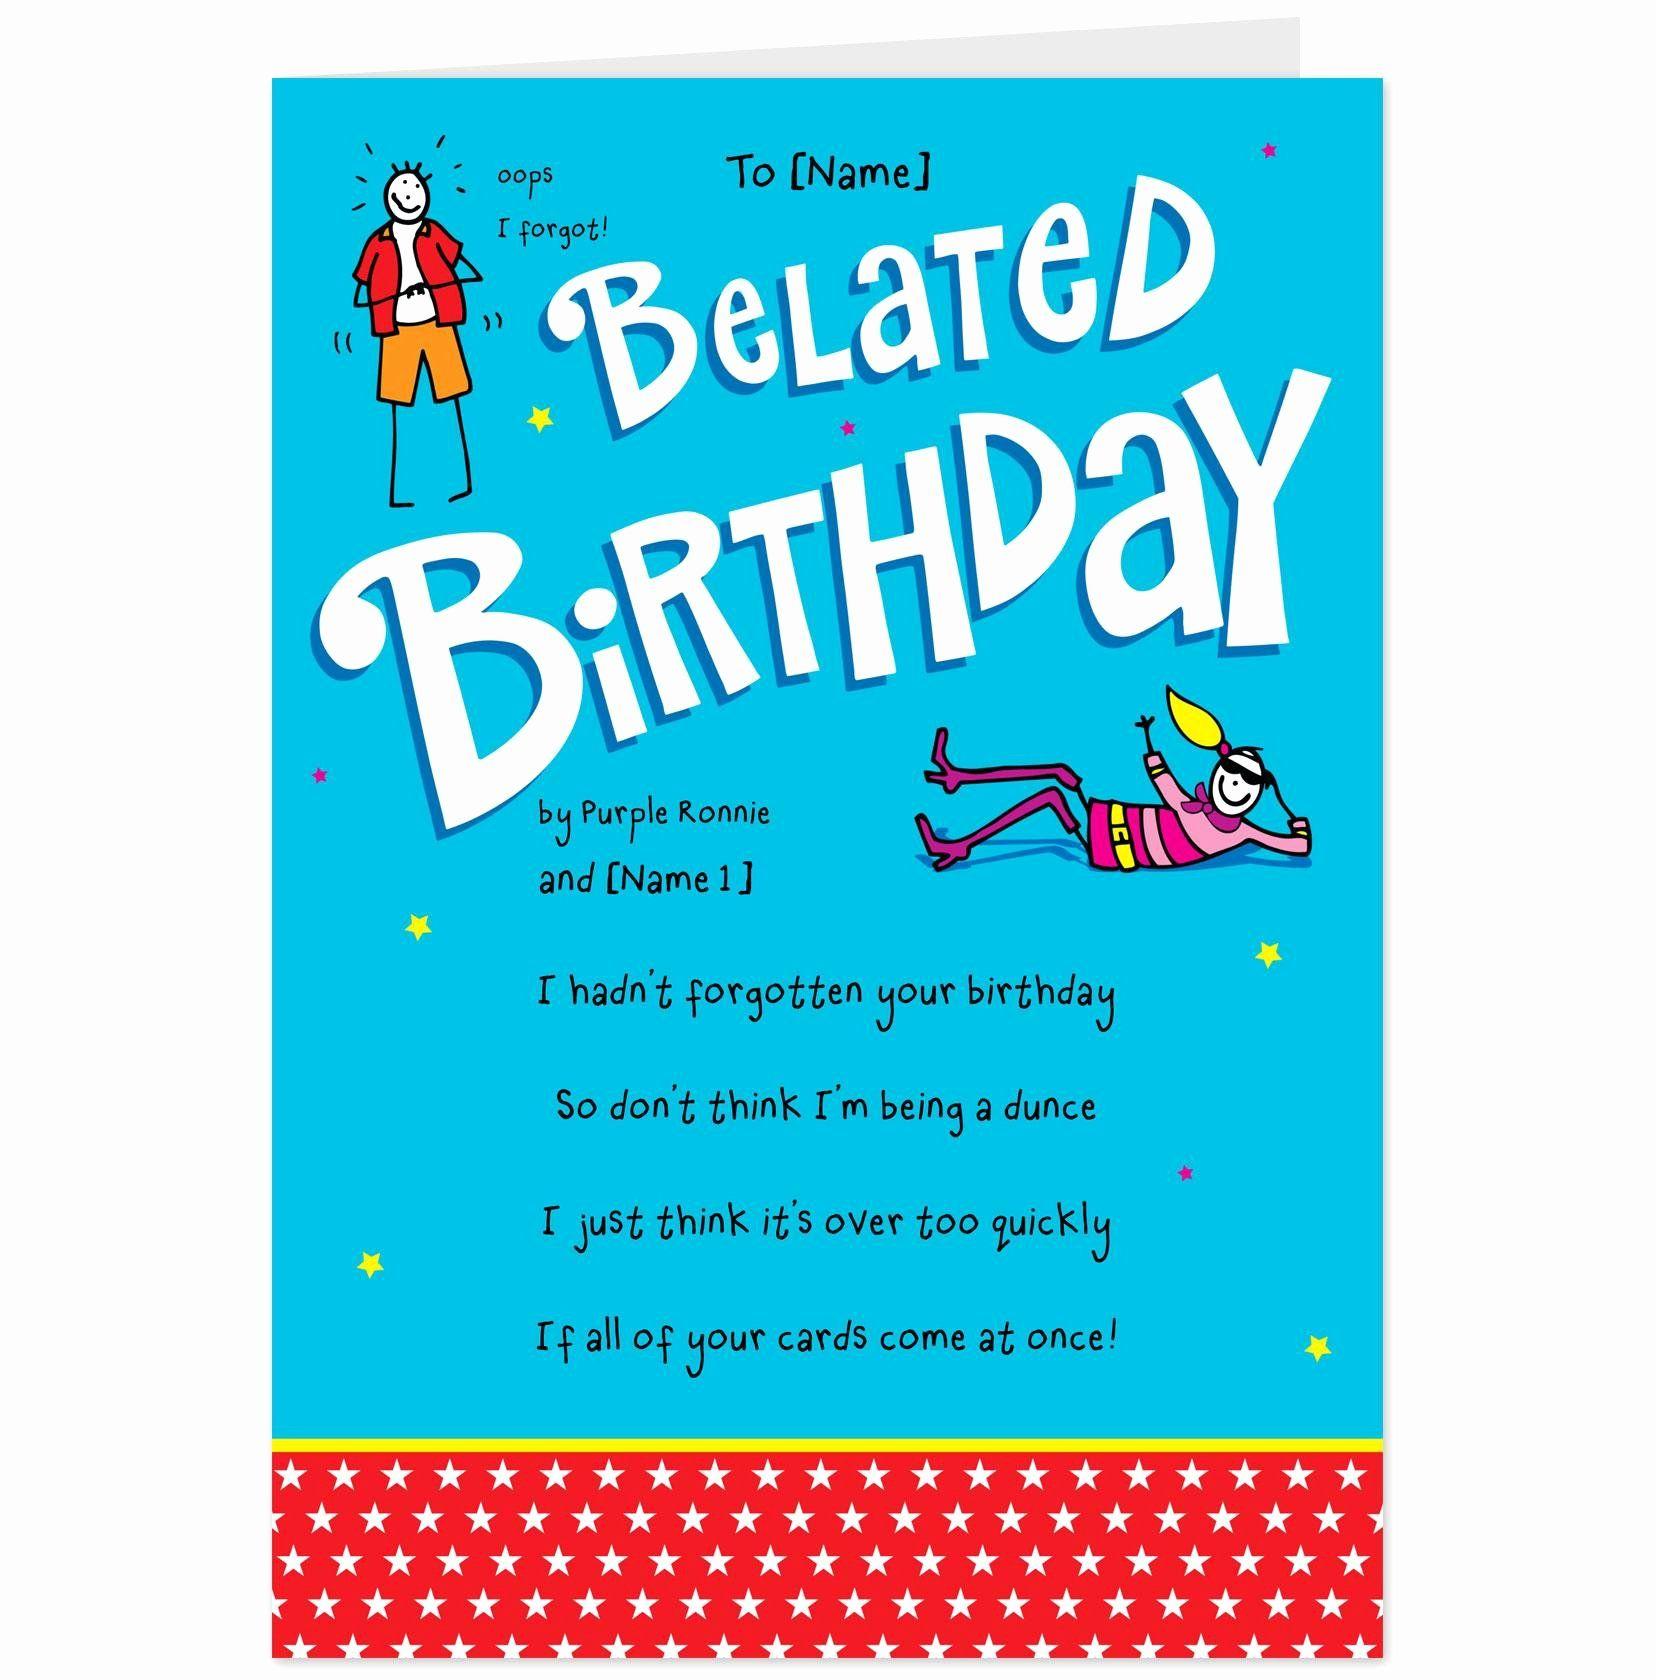 Belated Birthday Party Invitation Elegant Belated Birthday Graphic Birthday Party Invitations Birthday Invitation Card Template Birthday Party Invitations Free